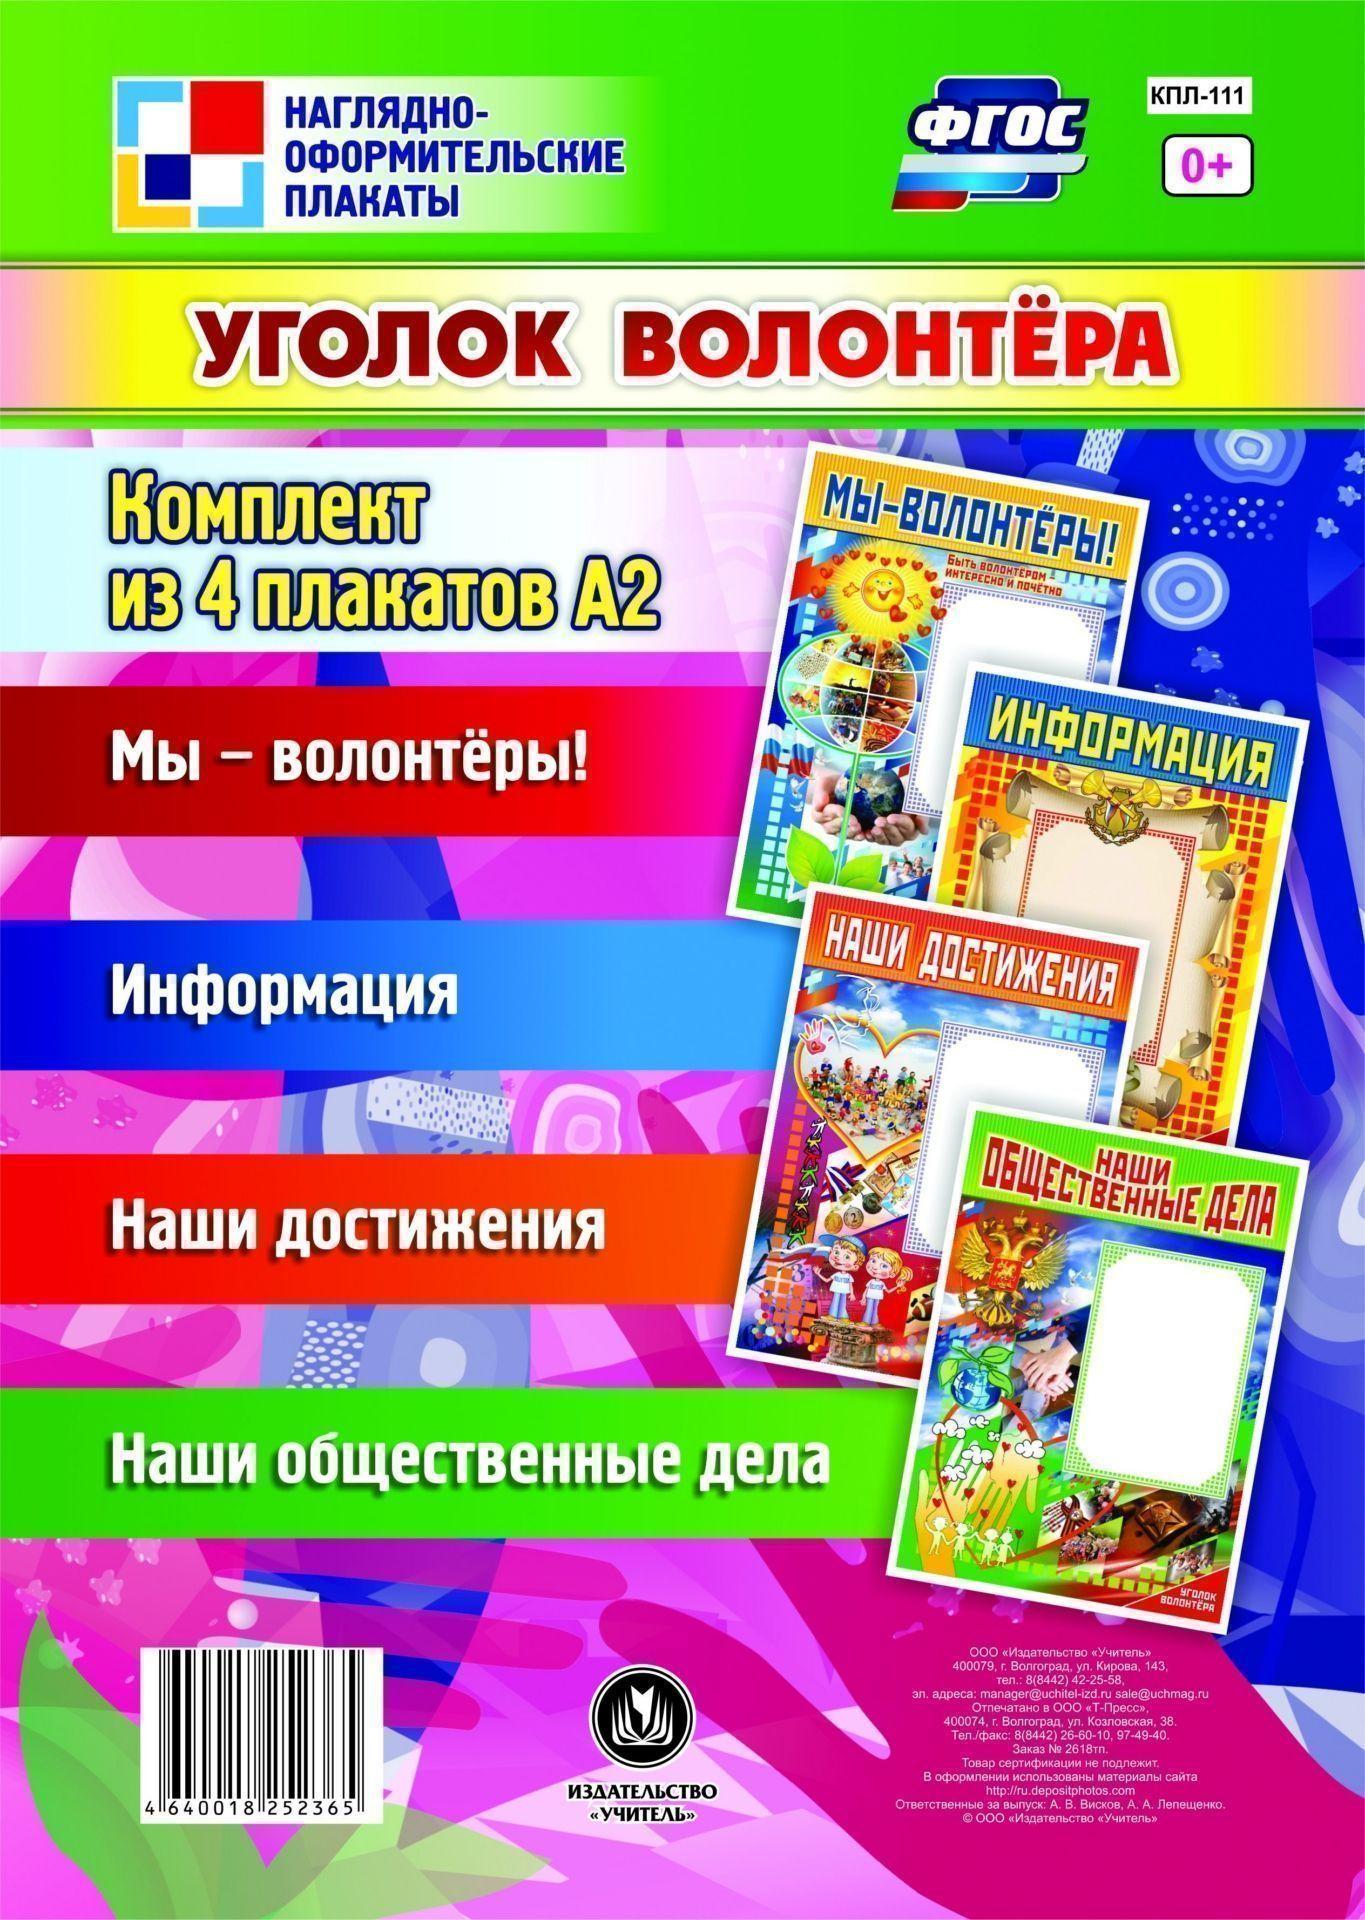 """Купить со скидкой Комплект плакатов """"Уголок волонтёра"""": 4 плаката"""